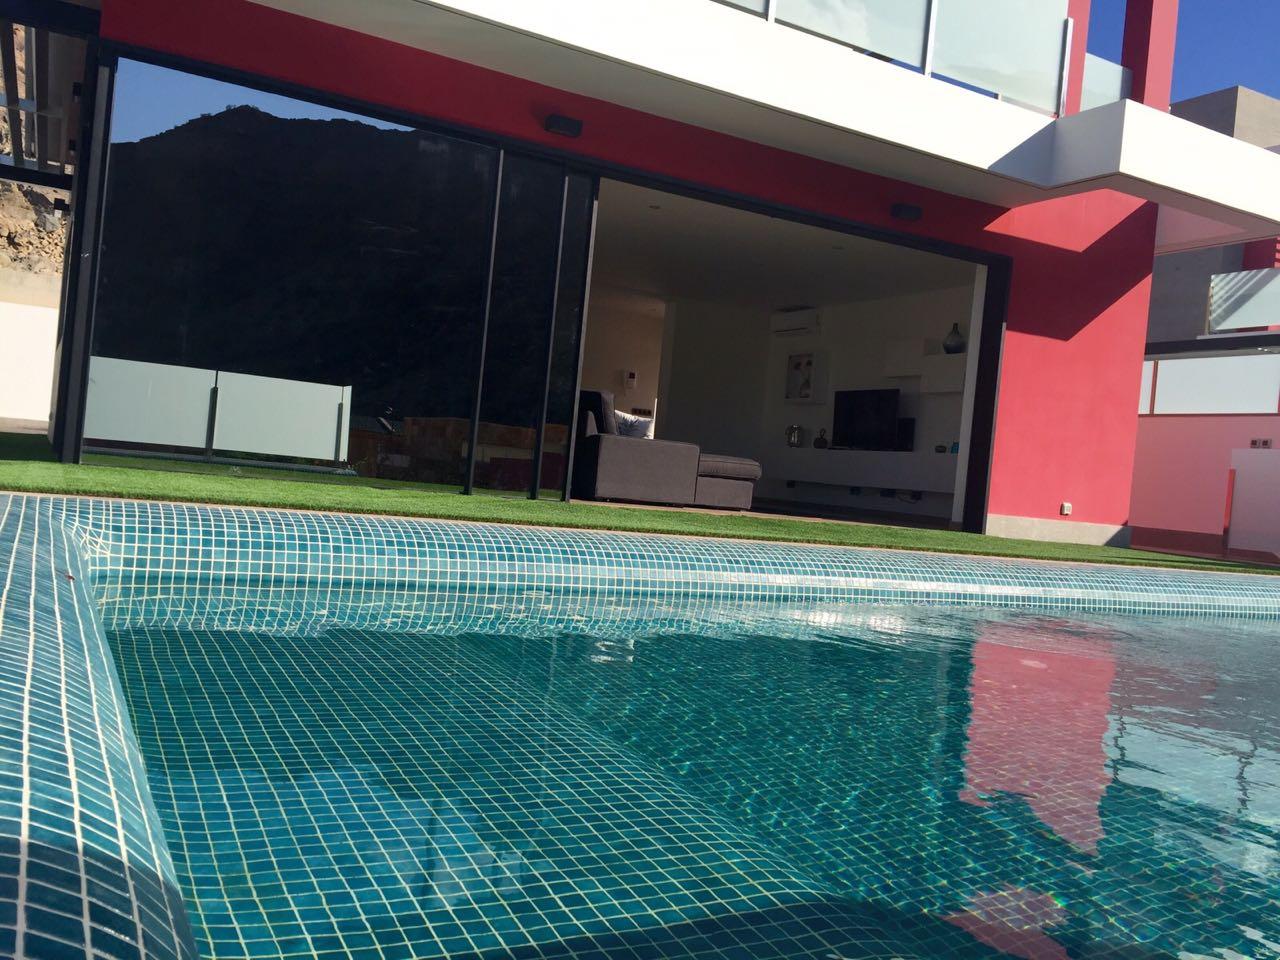 Amadores beach club el mejor chill out de europa con un clima perfecto durante invierno oto o - Villas en gran canaria con piscina ...